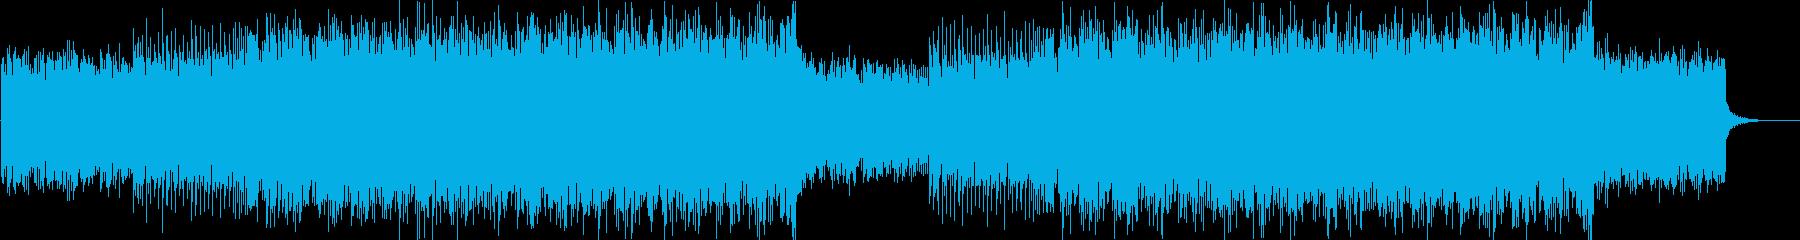 ポップでかわいいFuture Bassの再生済みの波形